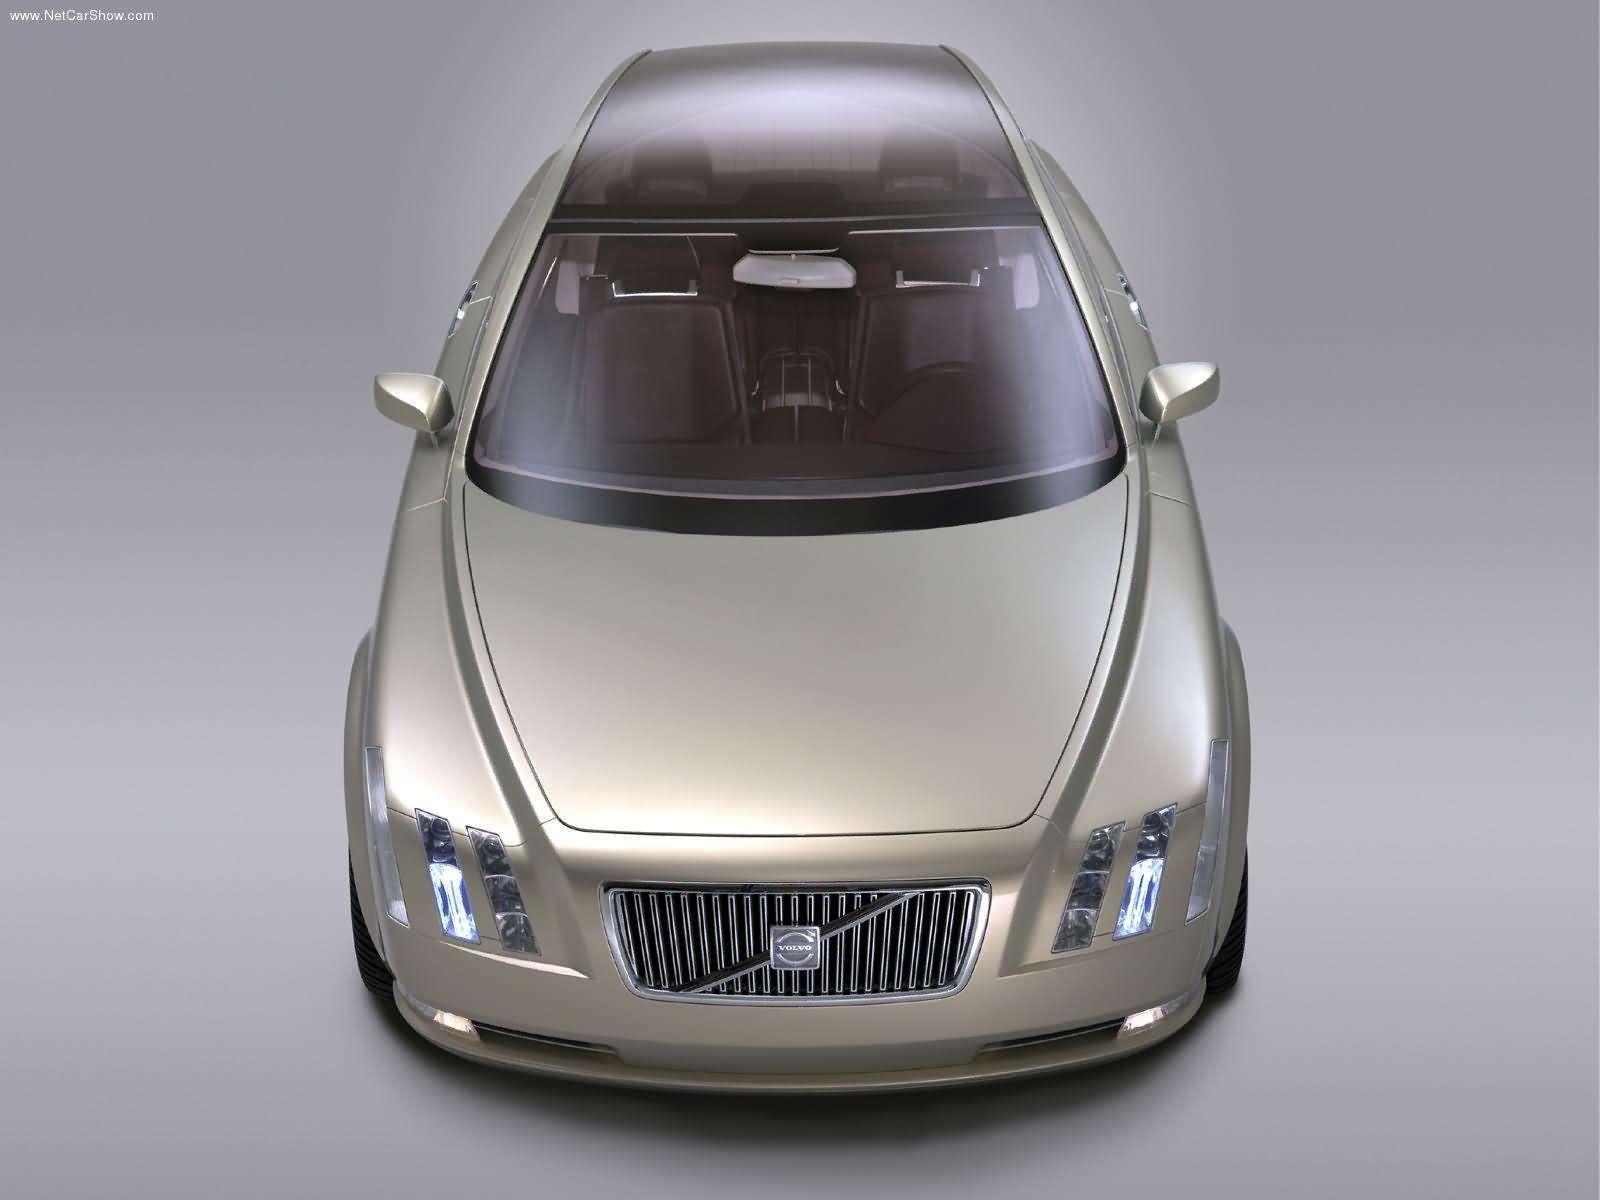 Volvo VCC Concept 2003 Volvo-VCC_Concept-2003-1600-03